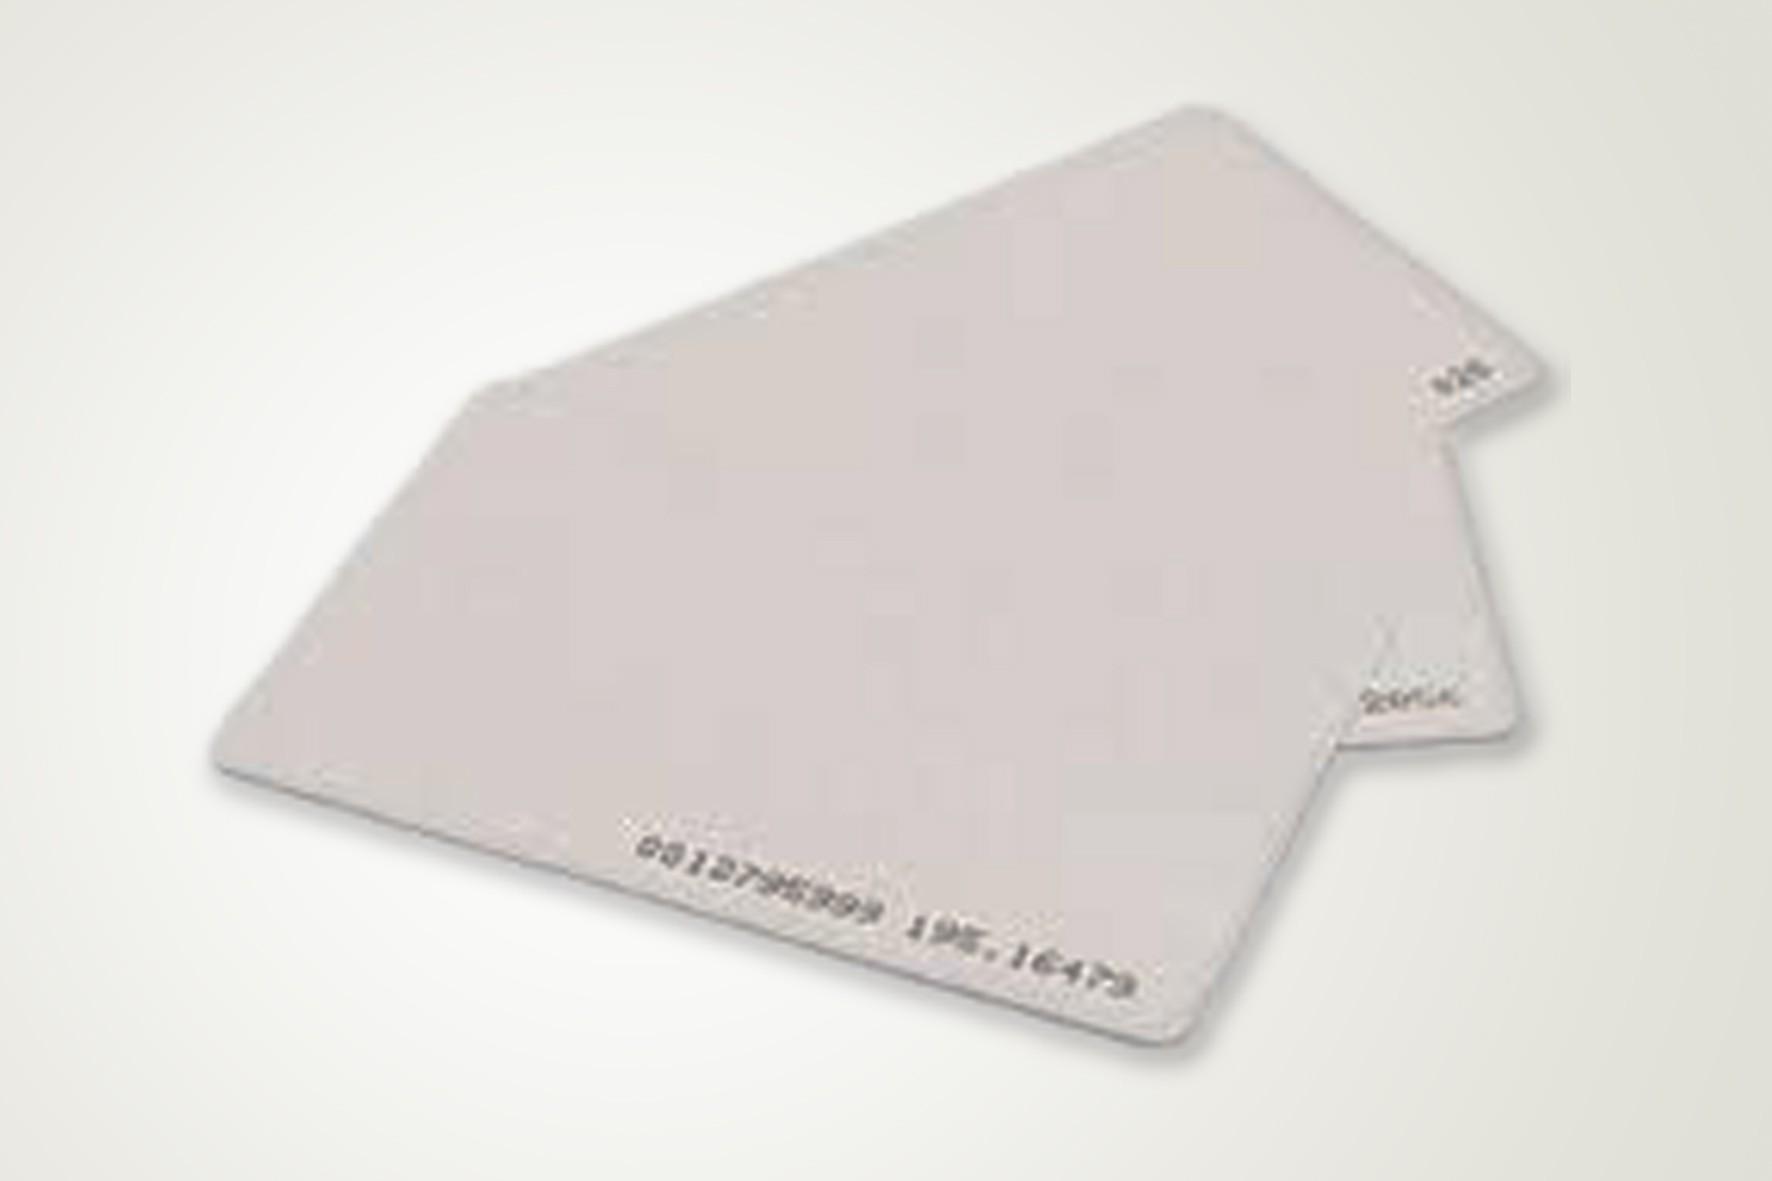 Carteirinha de Sócio Vila Bela Vista do Moinho Velho - Cartão de Pvc com Chip